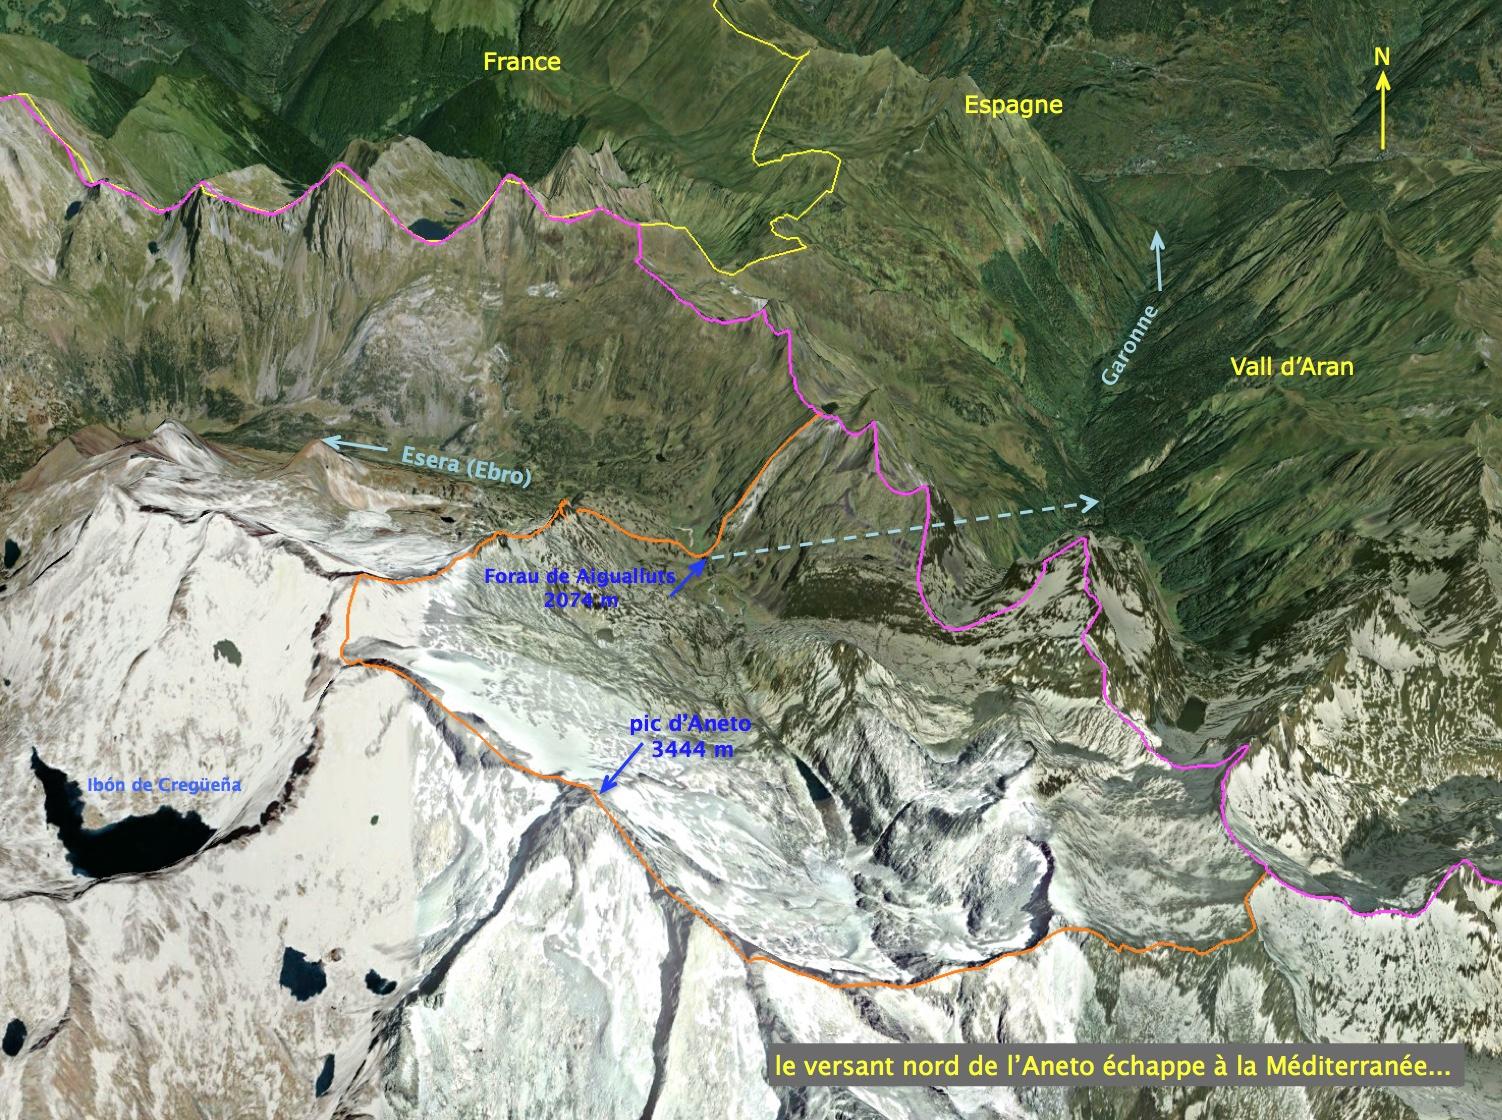 Les écoulements du versant nord de l'Aneto sont collectés par le Forau de Aigualluts et rejoignent la Garonne.